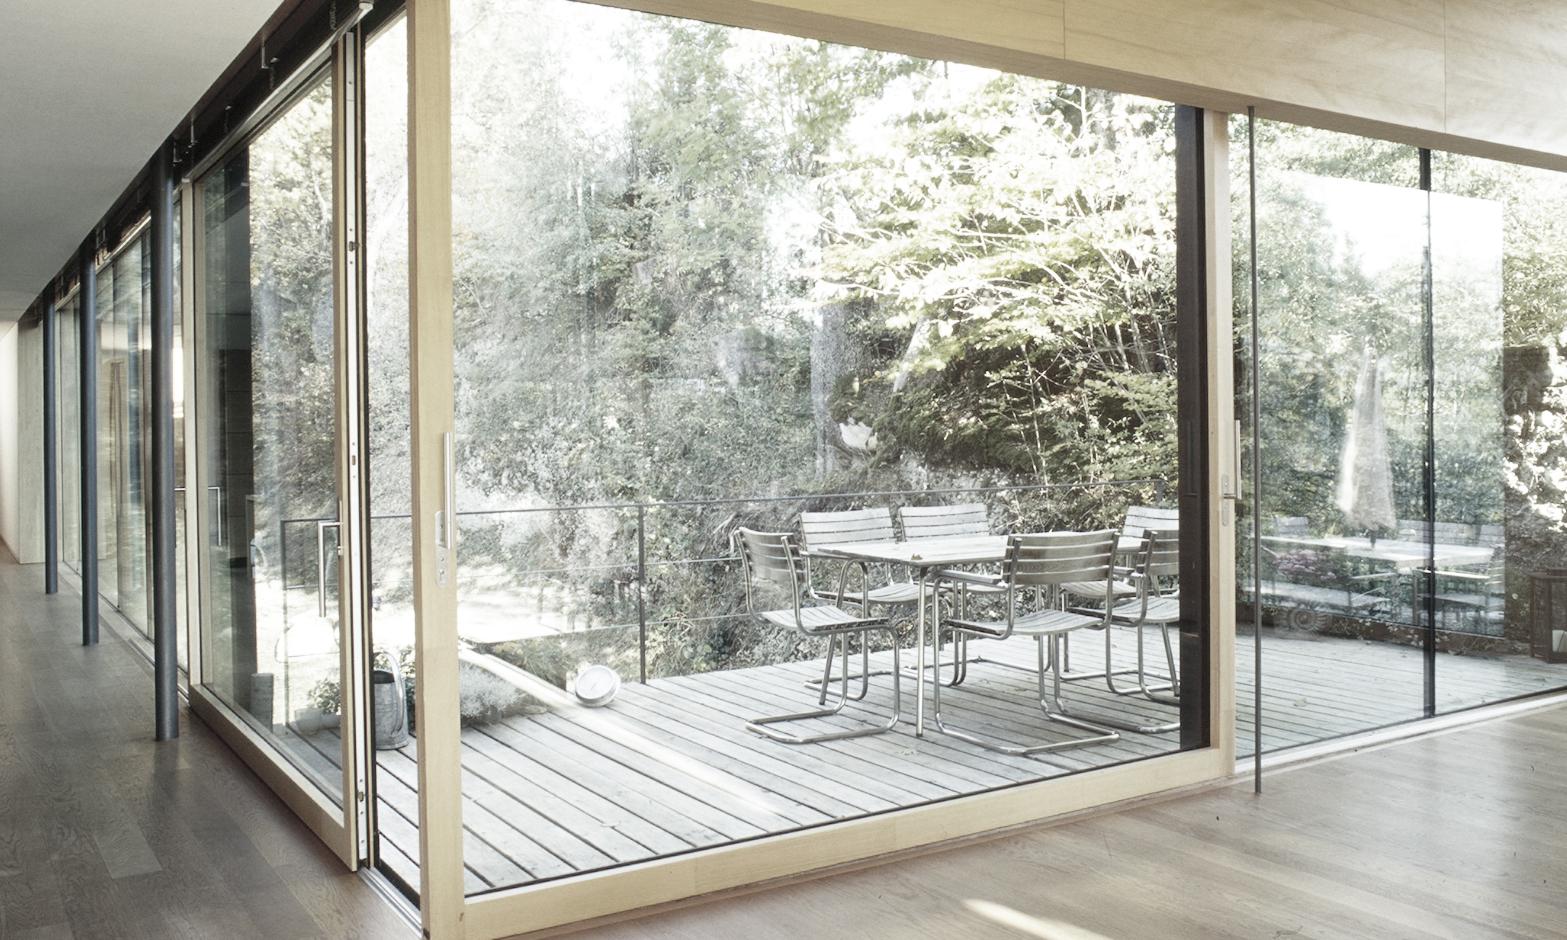 Michael-Becker-Architects-Architekten-Haus-h-05